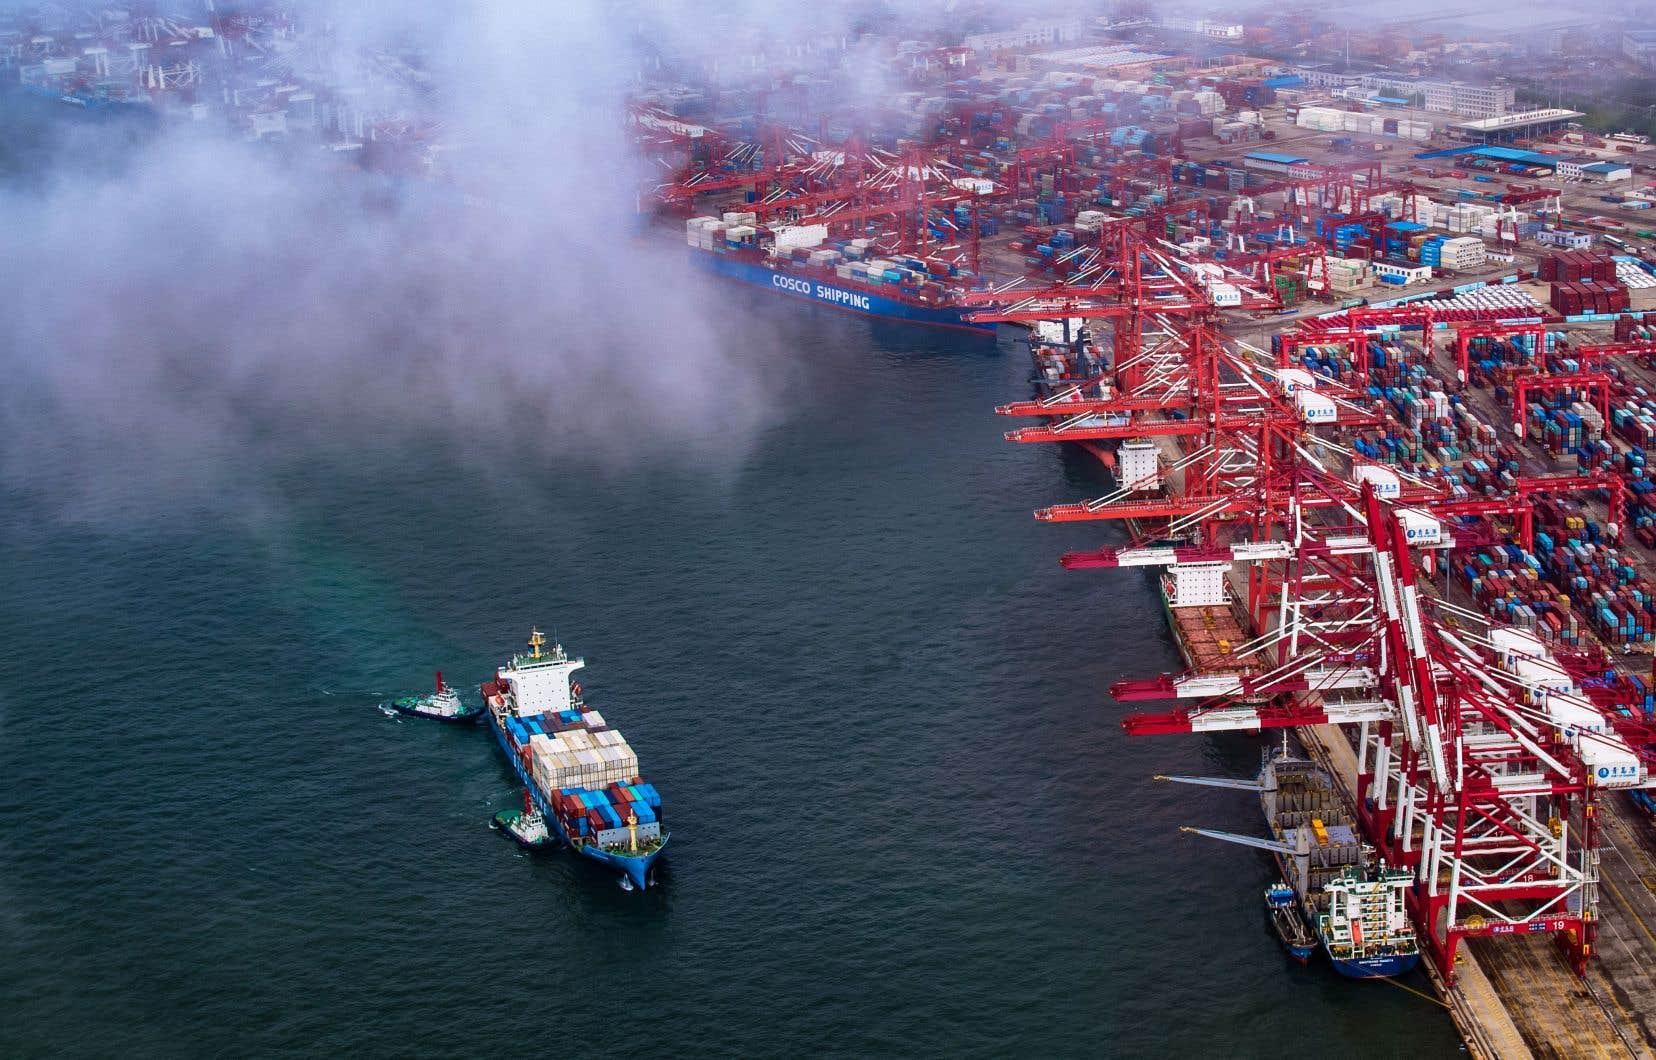 Donald Trump menace d'imposer des droits de douane supplémentaires sur les importations chinoises.